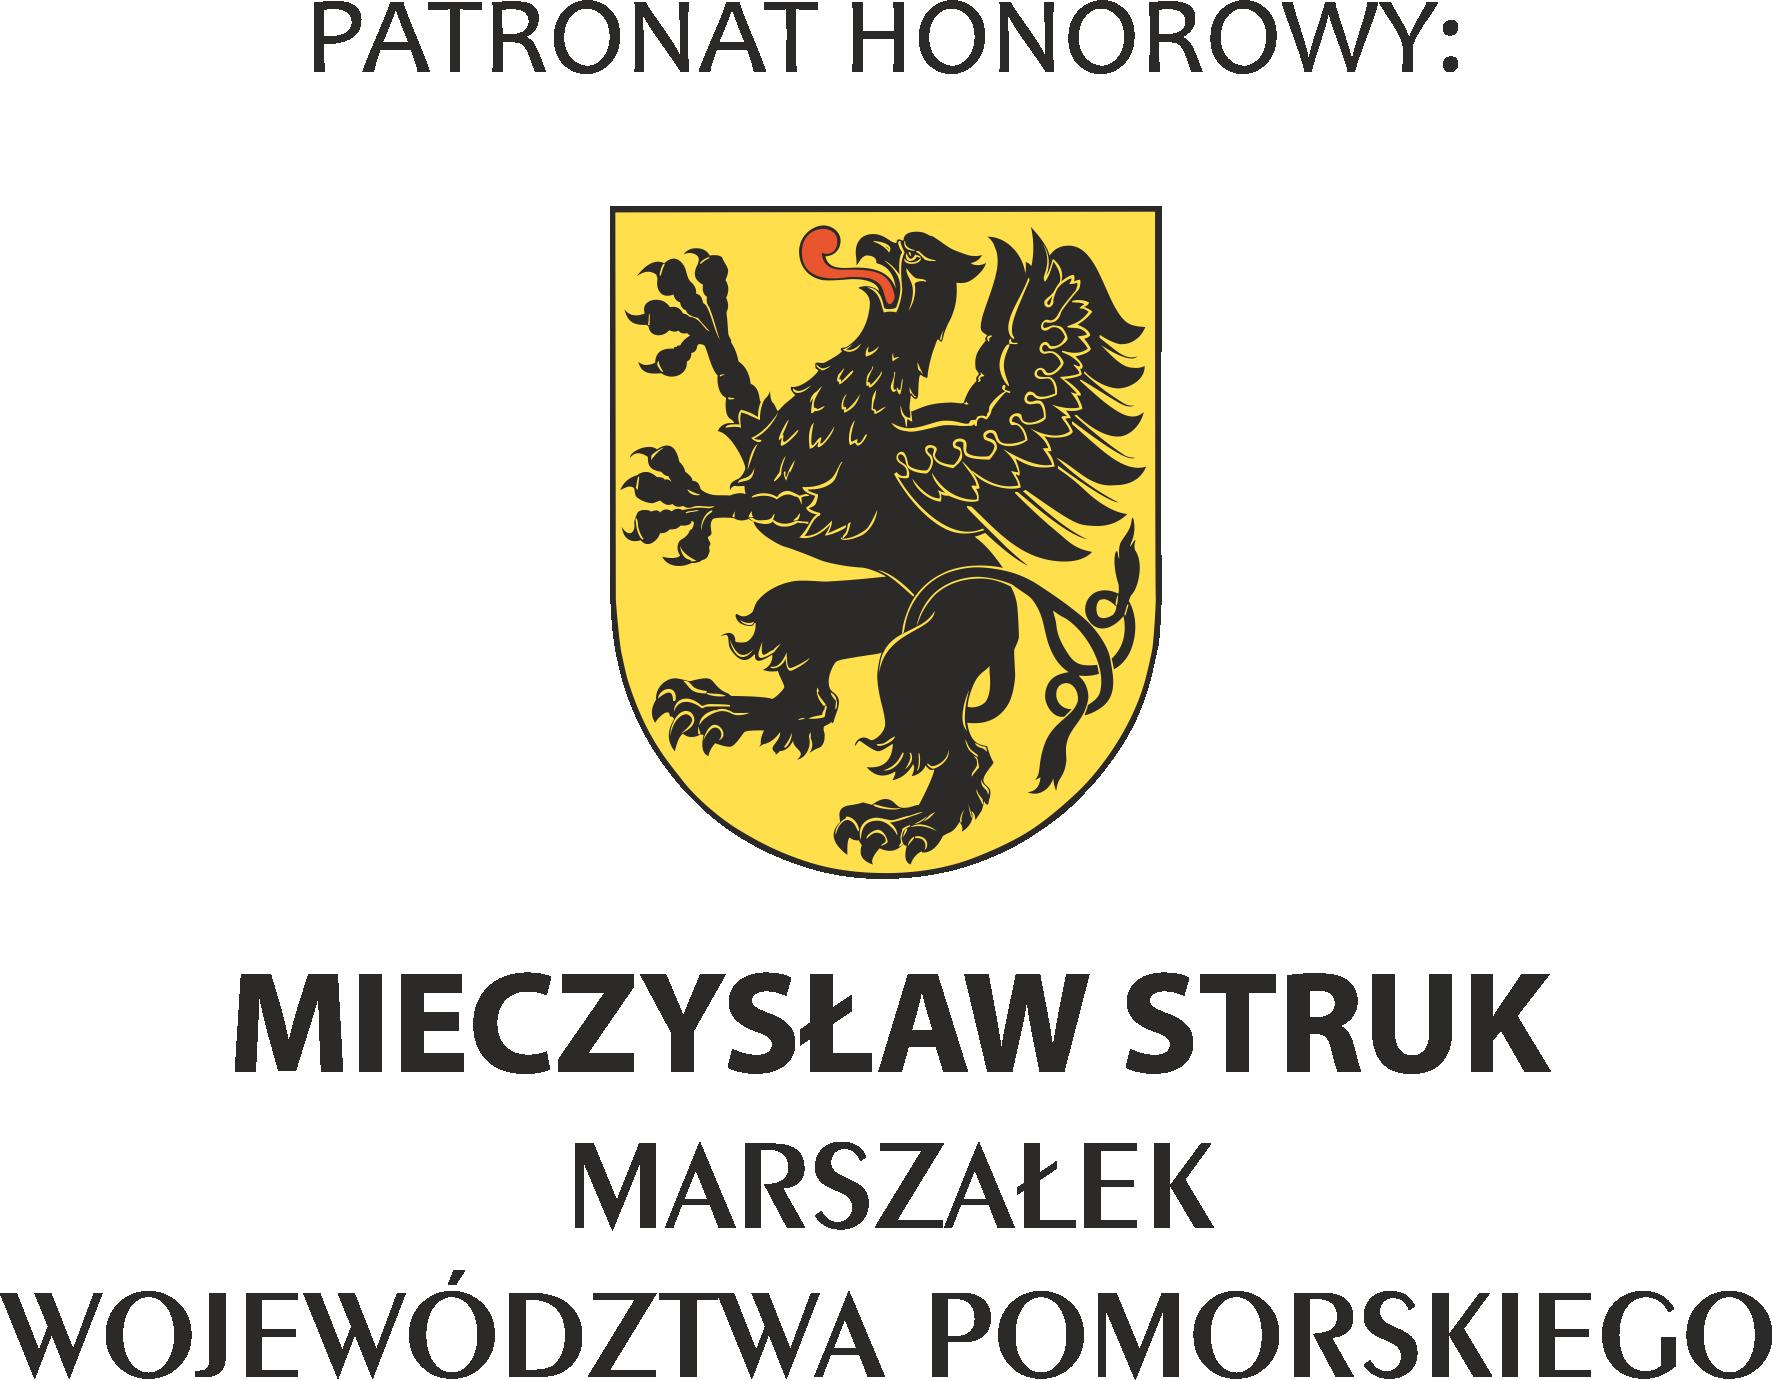 PATRONAT HONOROWY-MARSZALEK WOJEWODZTWA POMORSKIEGO-pion RGB-ONLY FOR WEB-2012.png